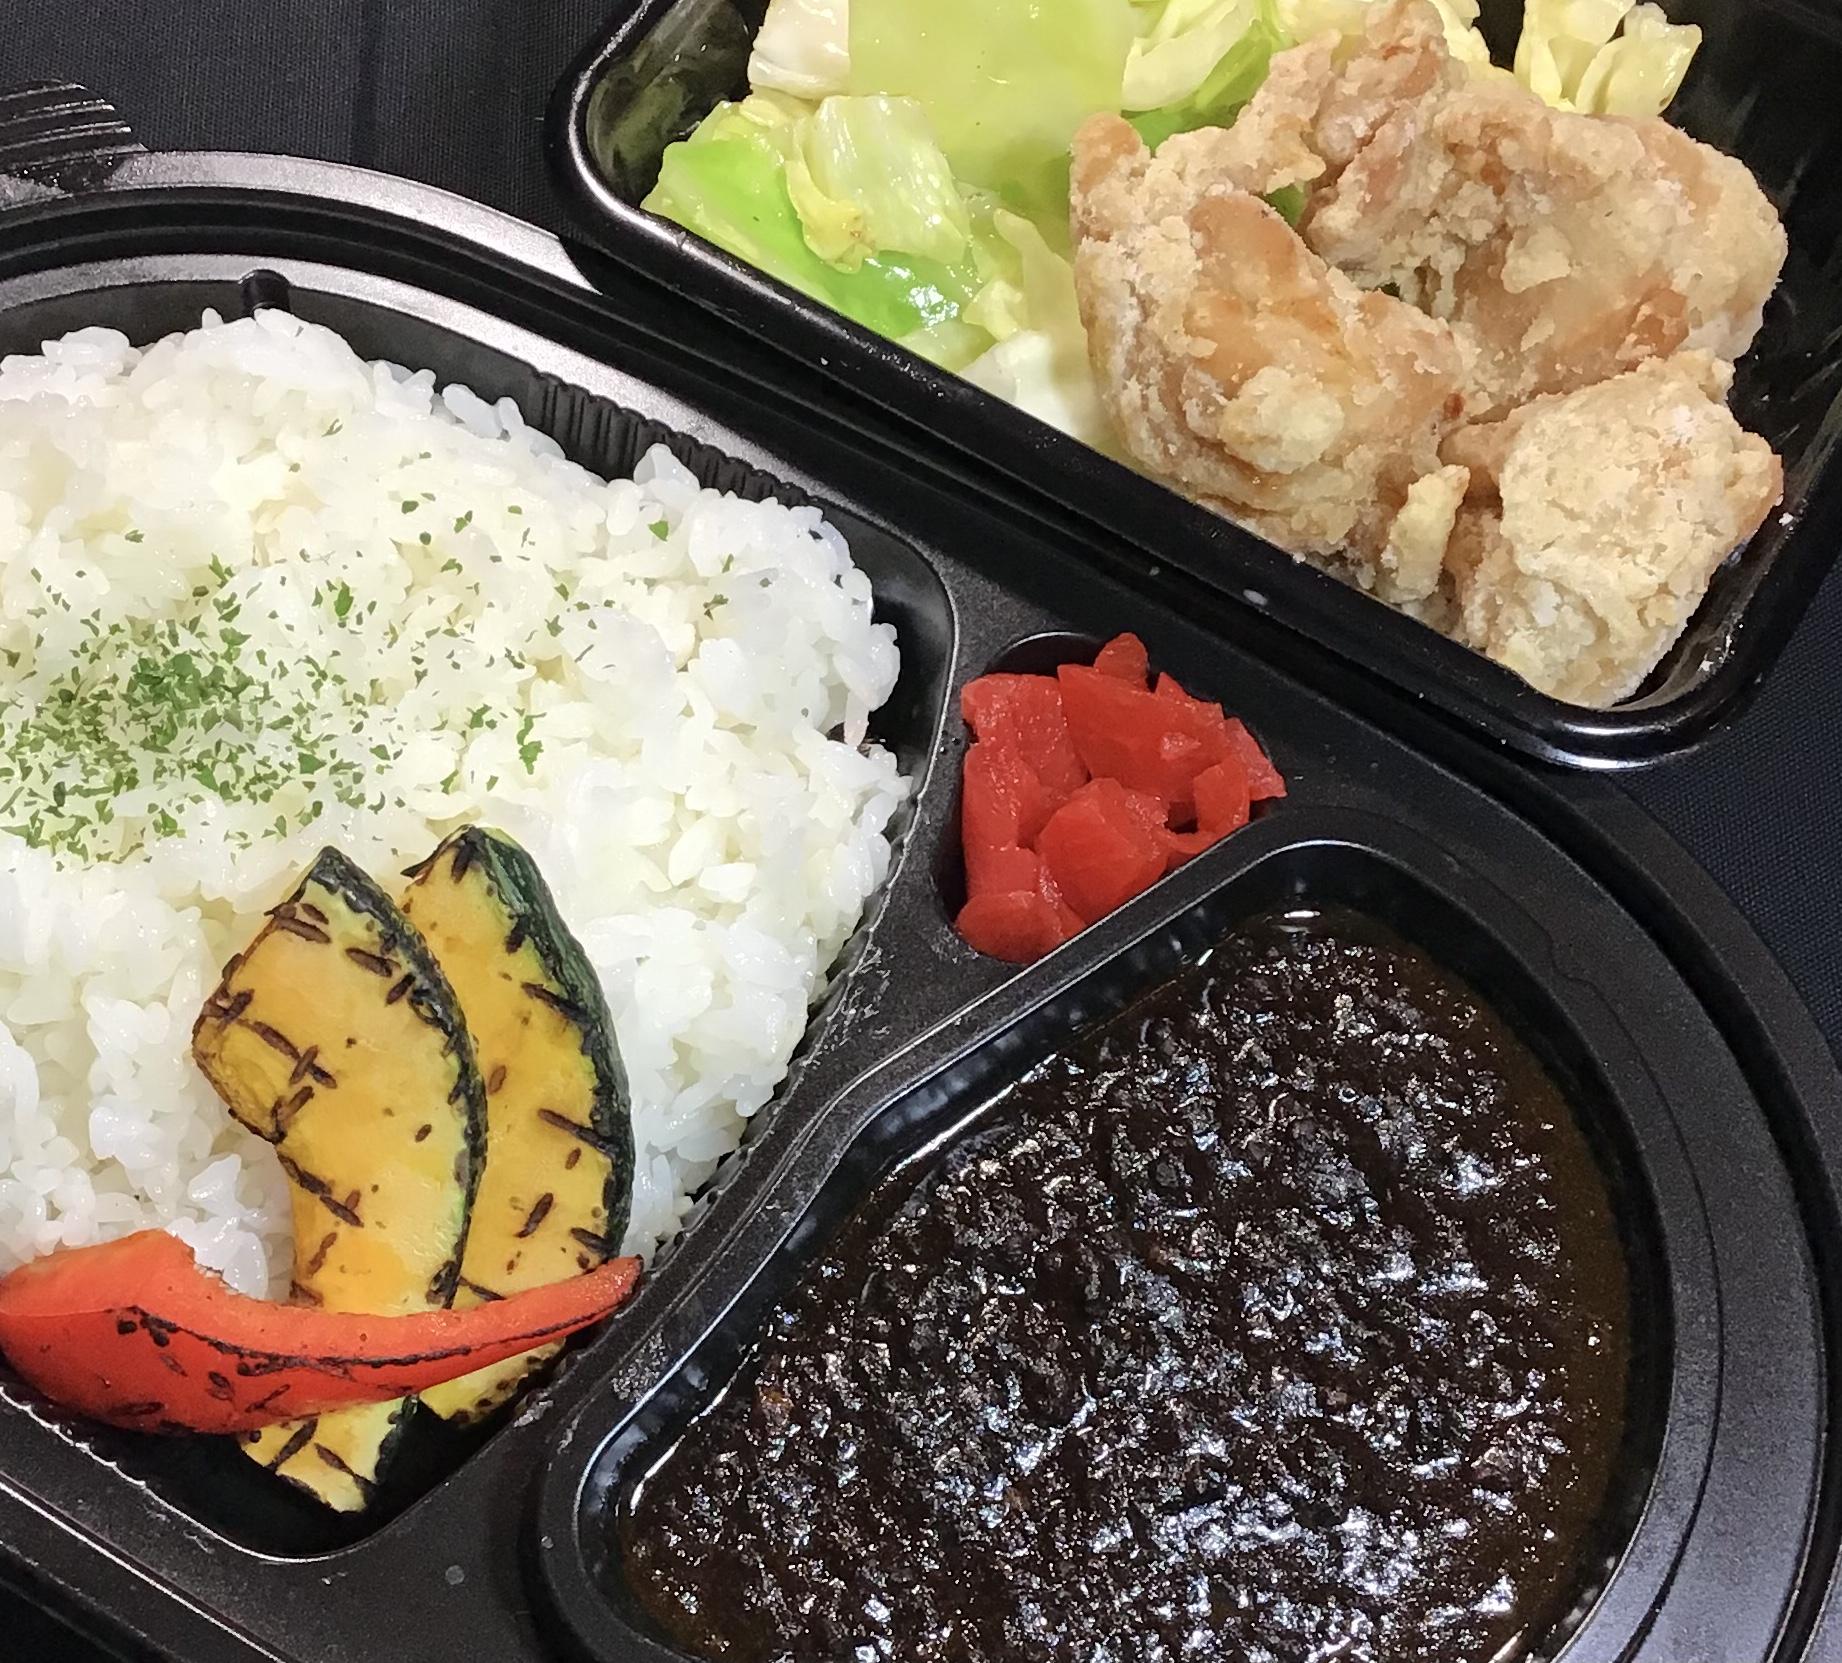 挽き肉の黒マサラカレー&鶏もも肉の唐揚げ グリル野菜添え